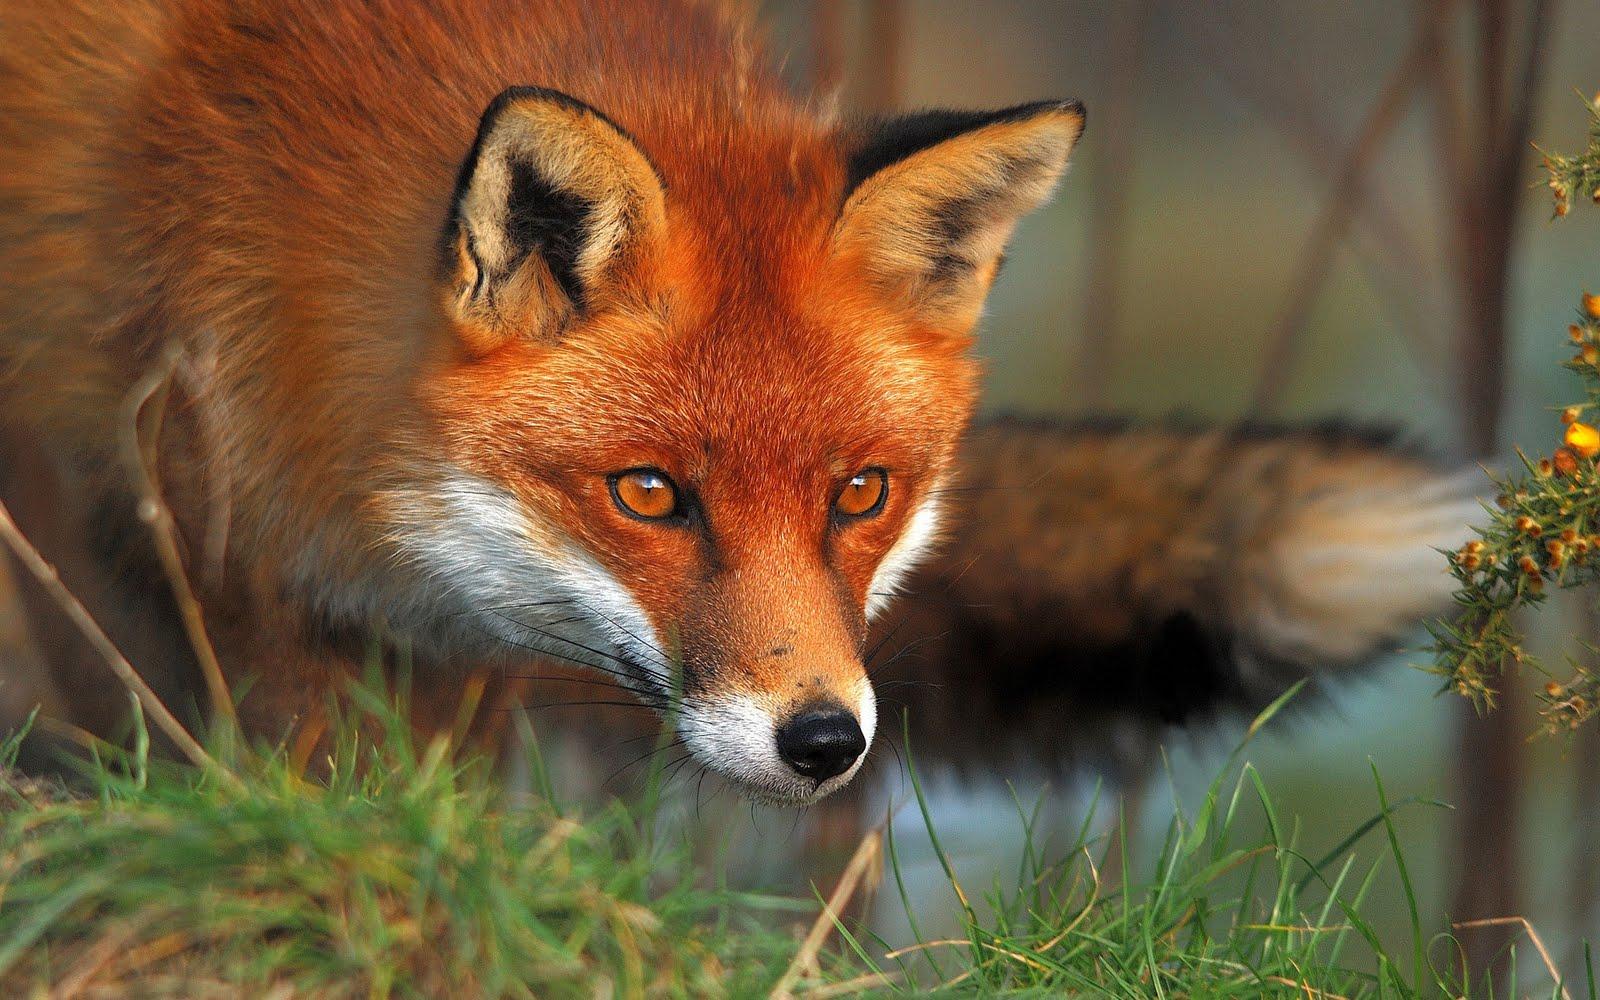 εμβολιασμος των αλεπούδων με εναέρια διανομή των εμβολίων-δολωμάτων